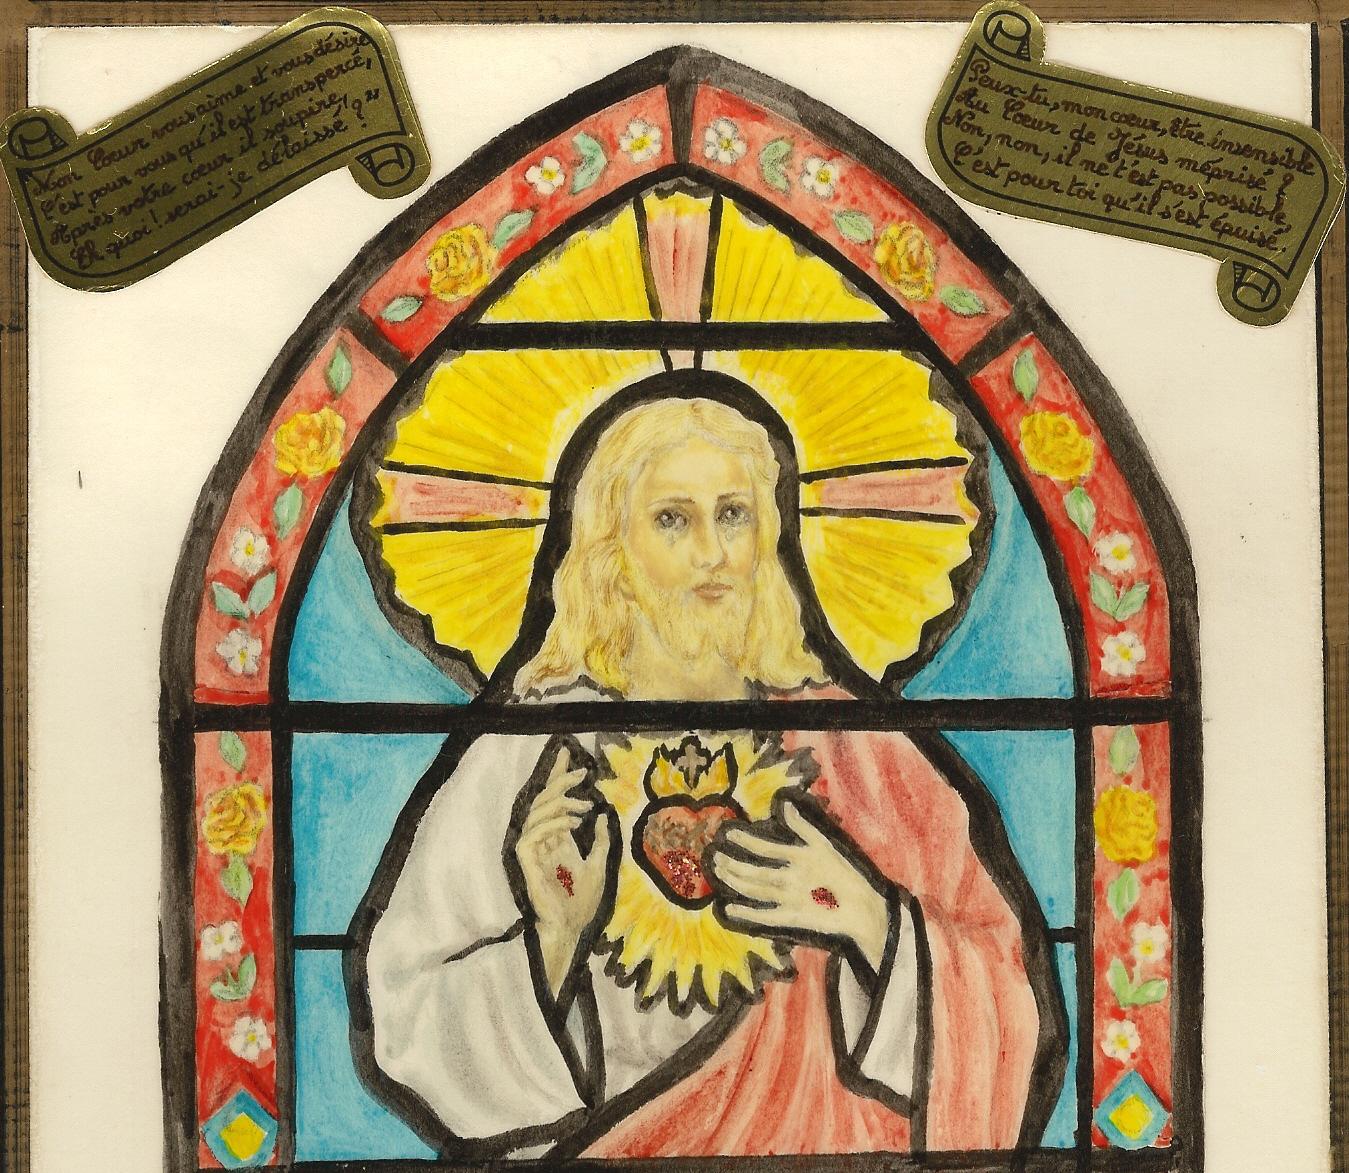 CALENDRIER CATHOLIQUE 2019 (Cantiques, Prières & Images) - Page 8 Peux-tu-mon-coeur...-m-pris--568a035